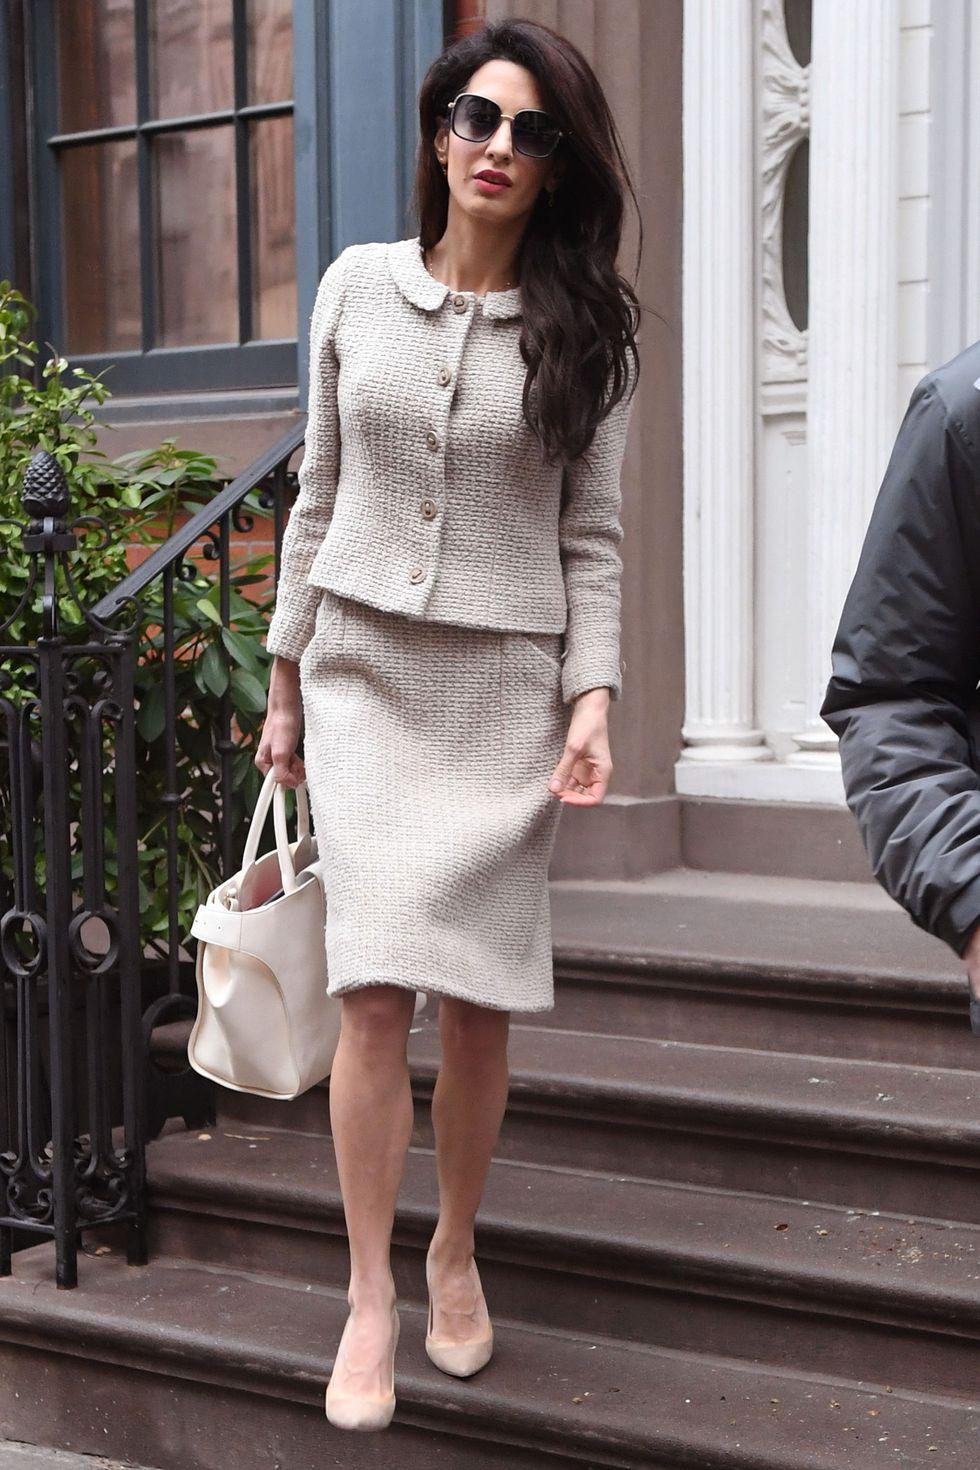 Copia los mejores estilismos de Amal Clooney - traje estilo chanel